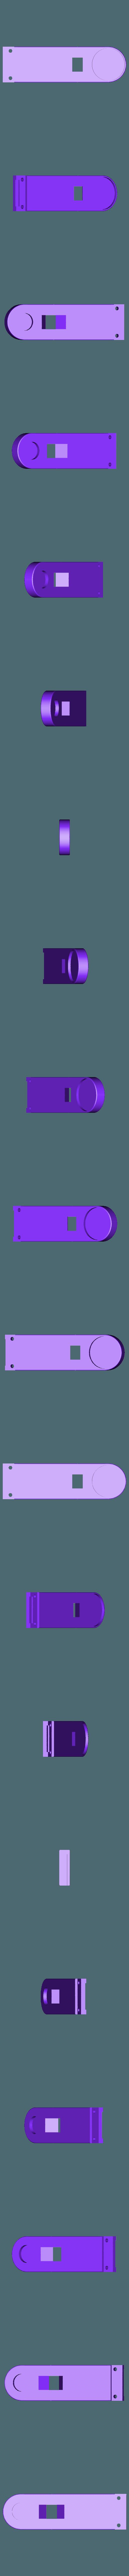 2.stl Télécharger fichier STL gratuit Pince pour contrôleurs firmware 6 broches • Design imprimable en 3D, Ruvimkub